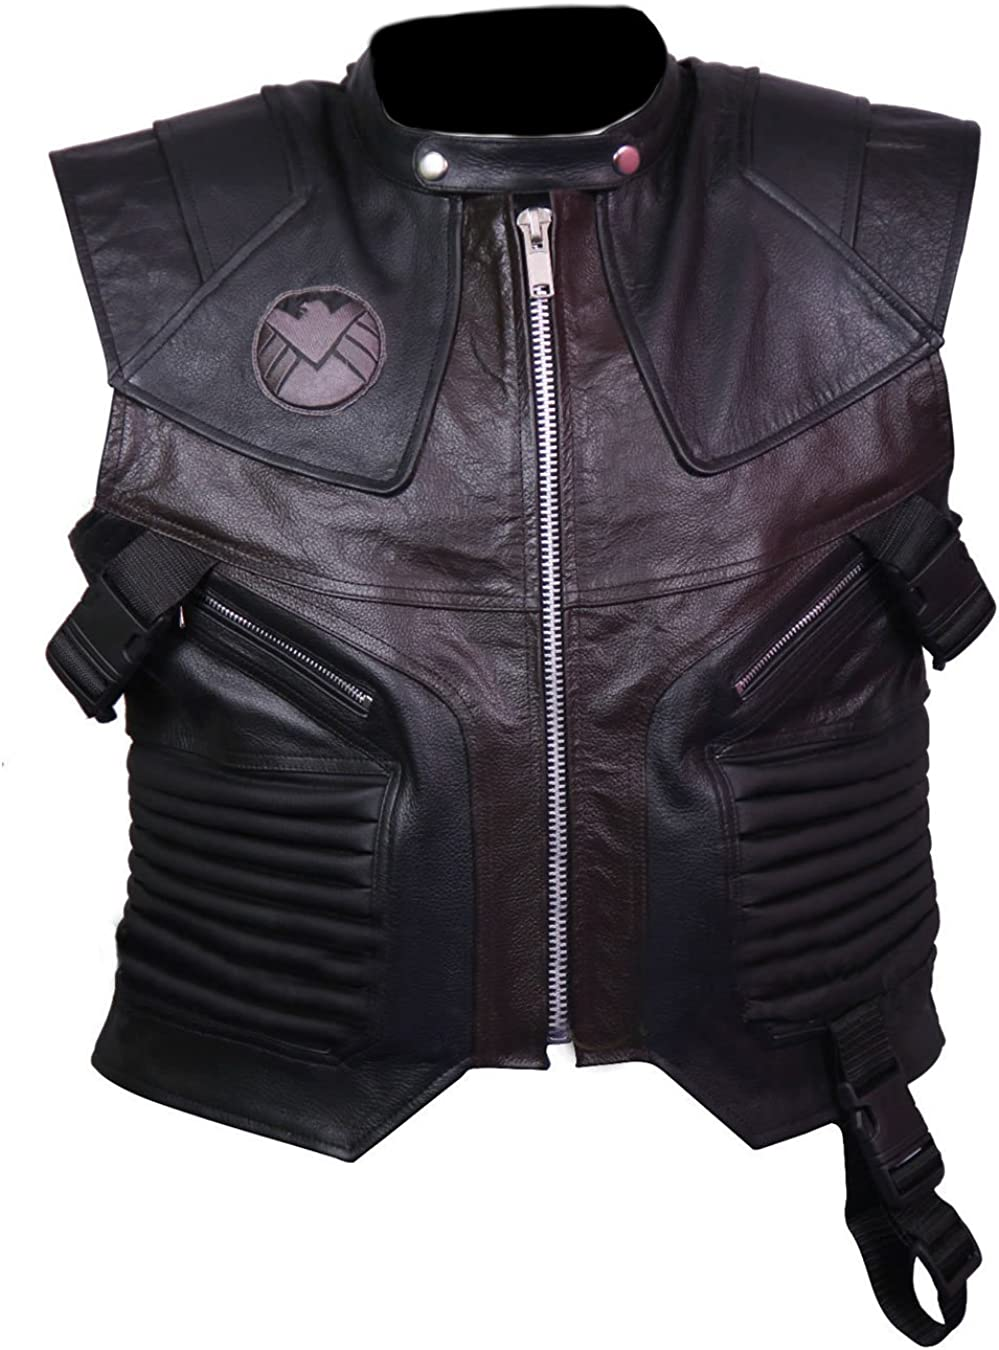 coolhides Men's Hawk Leather Vest